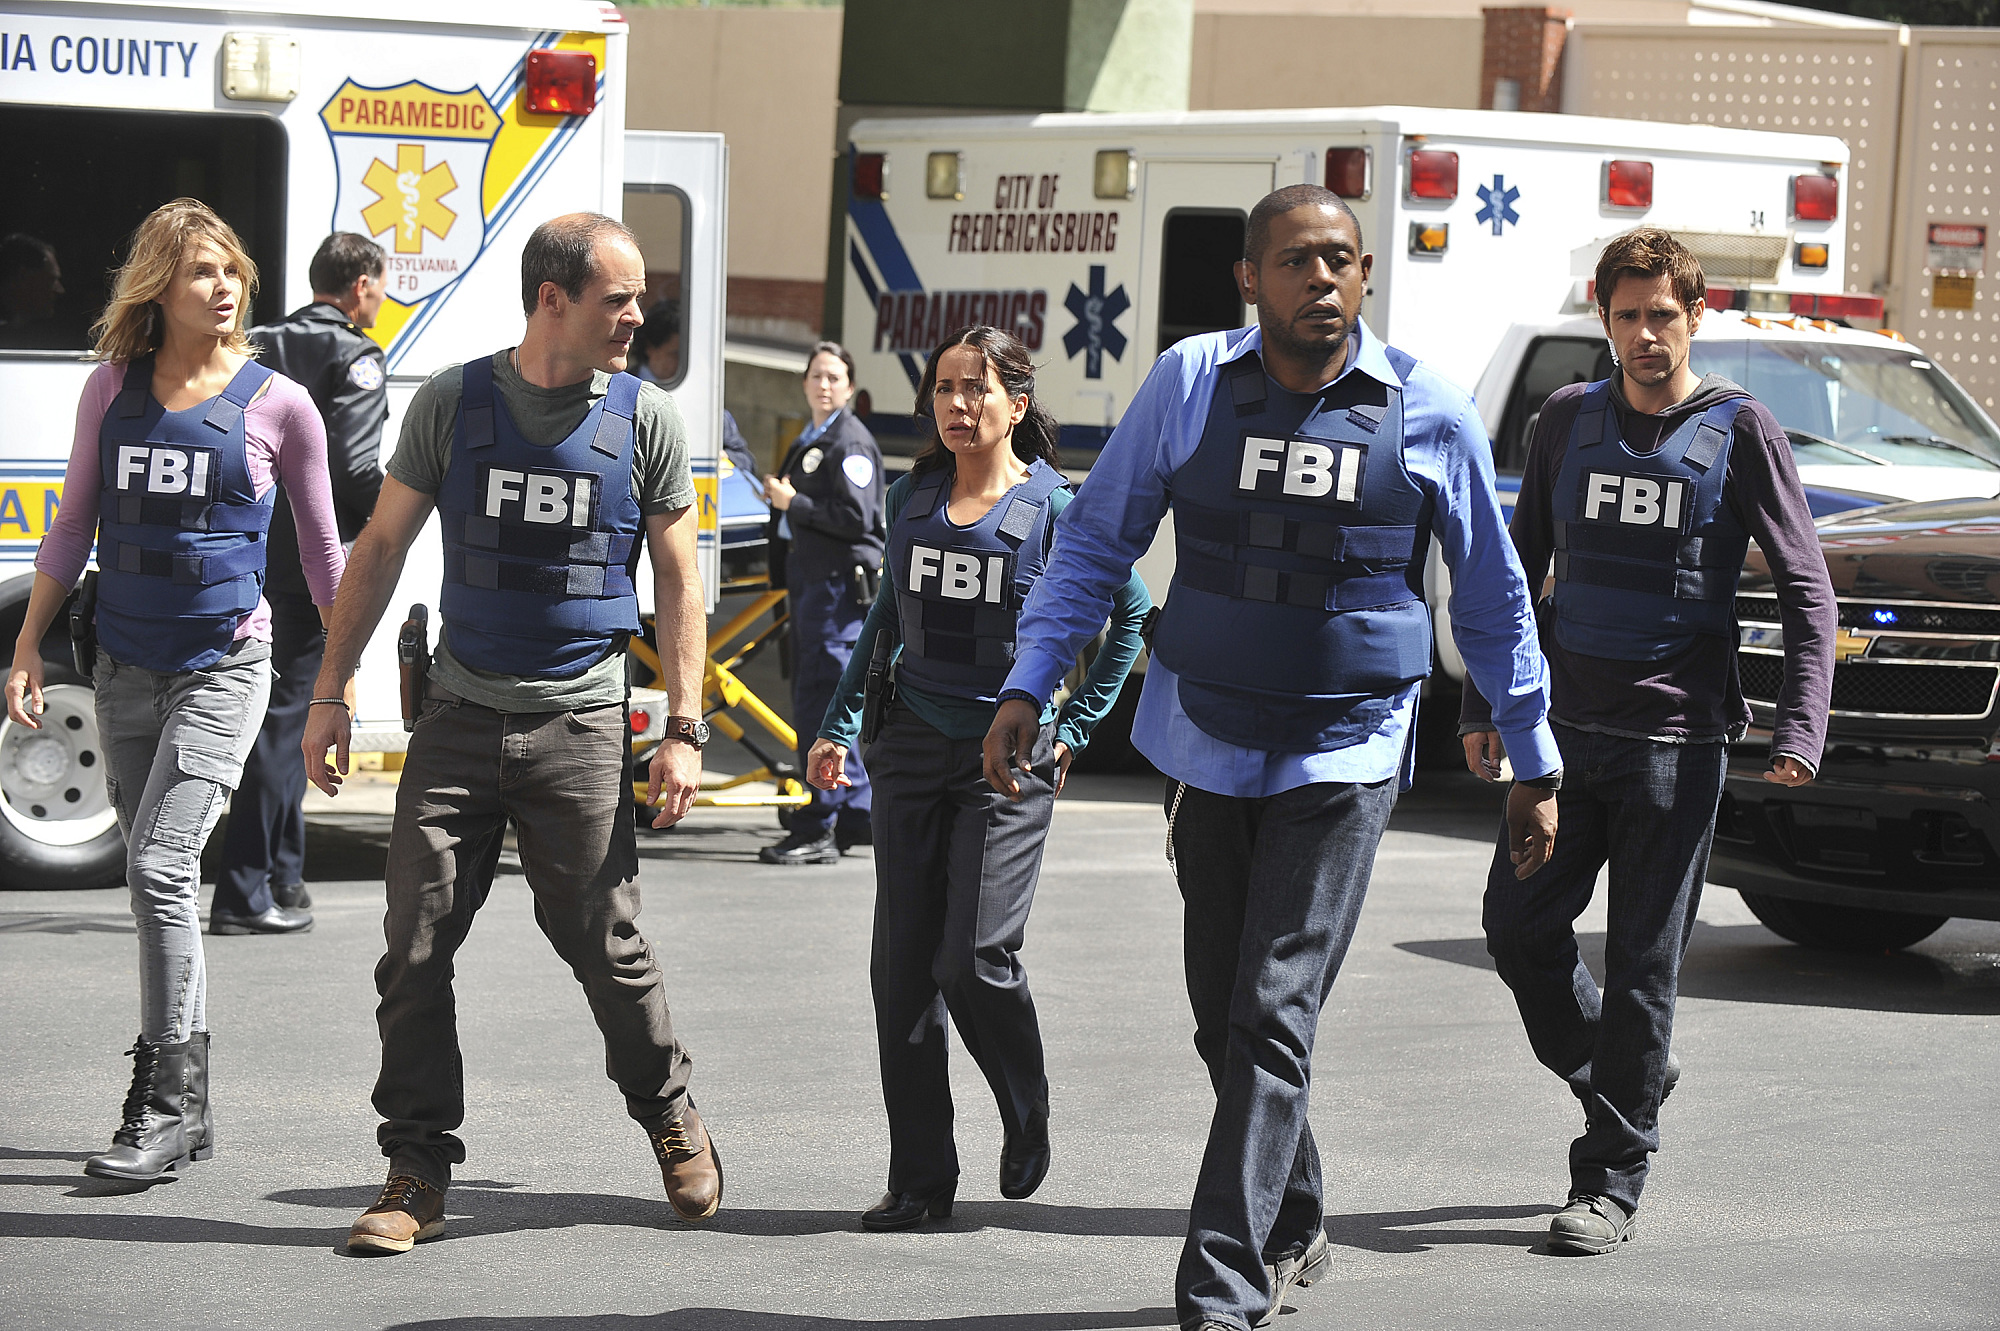 [影集] Criminal Minds: Suspect Behavior (2011) Criminal%20Minds%20Suspect%20Behavior-002